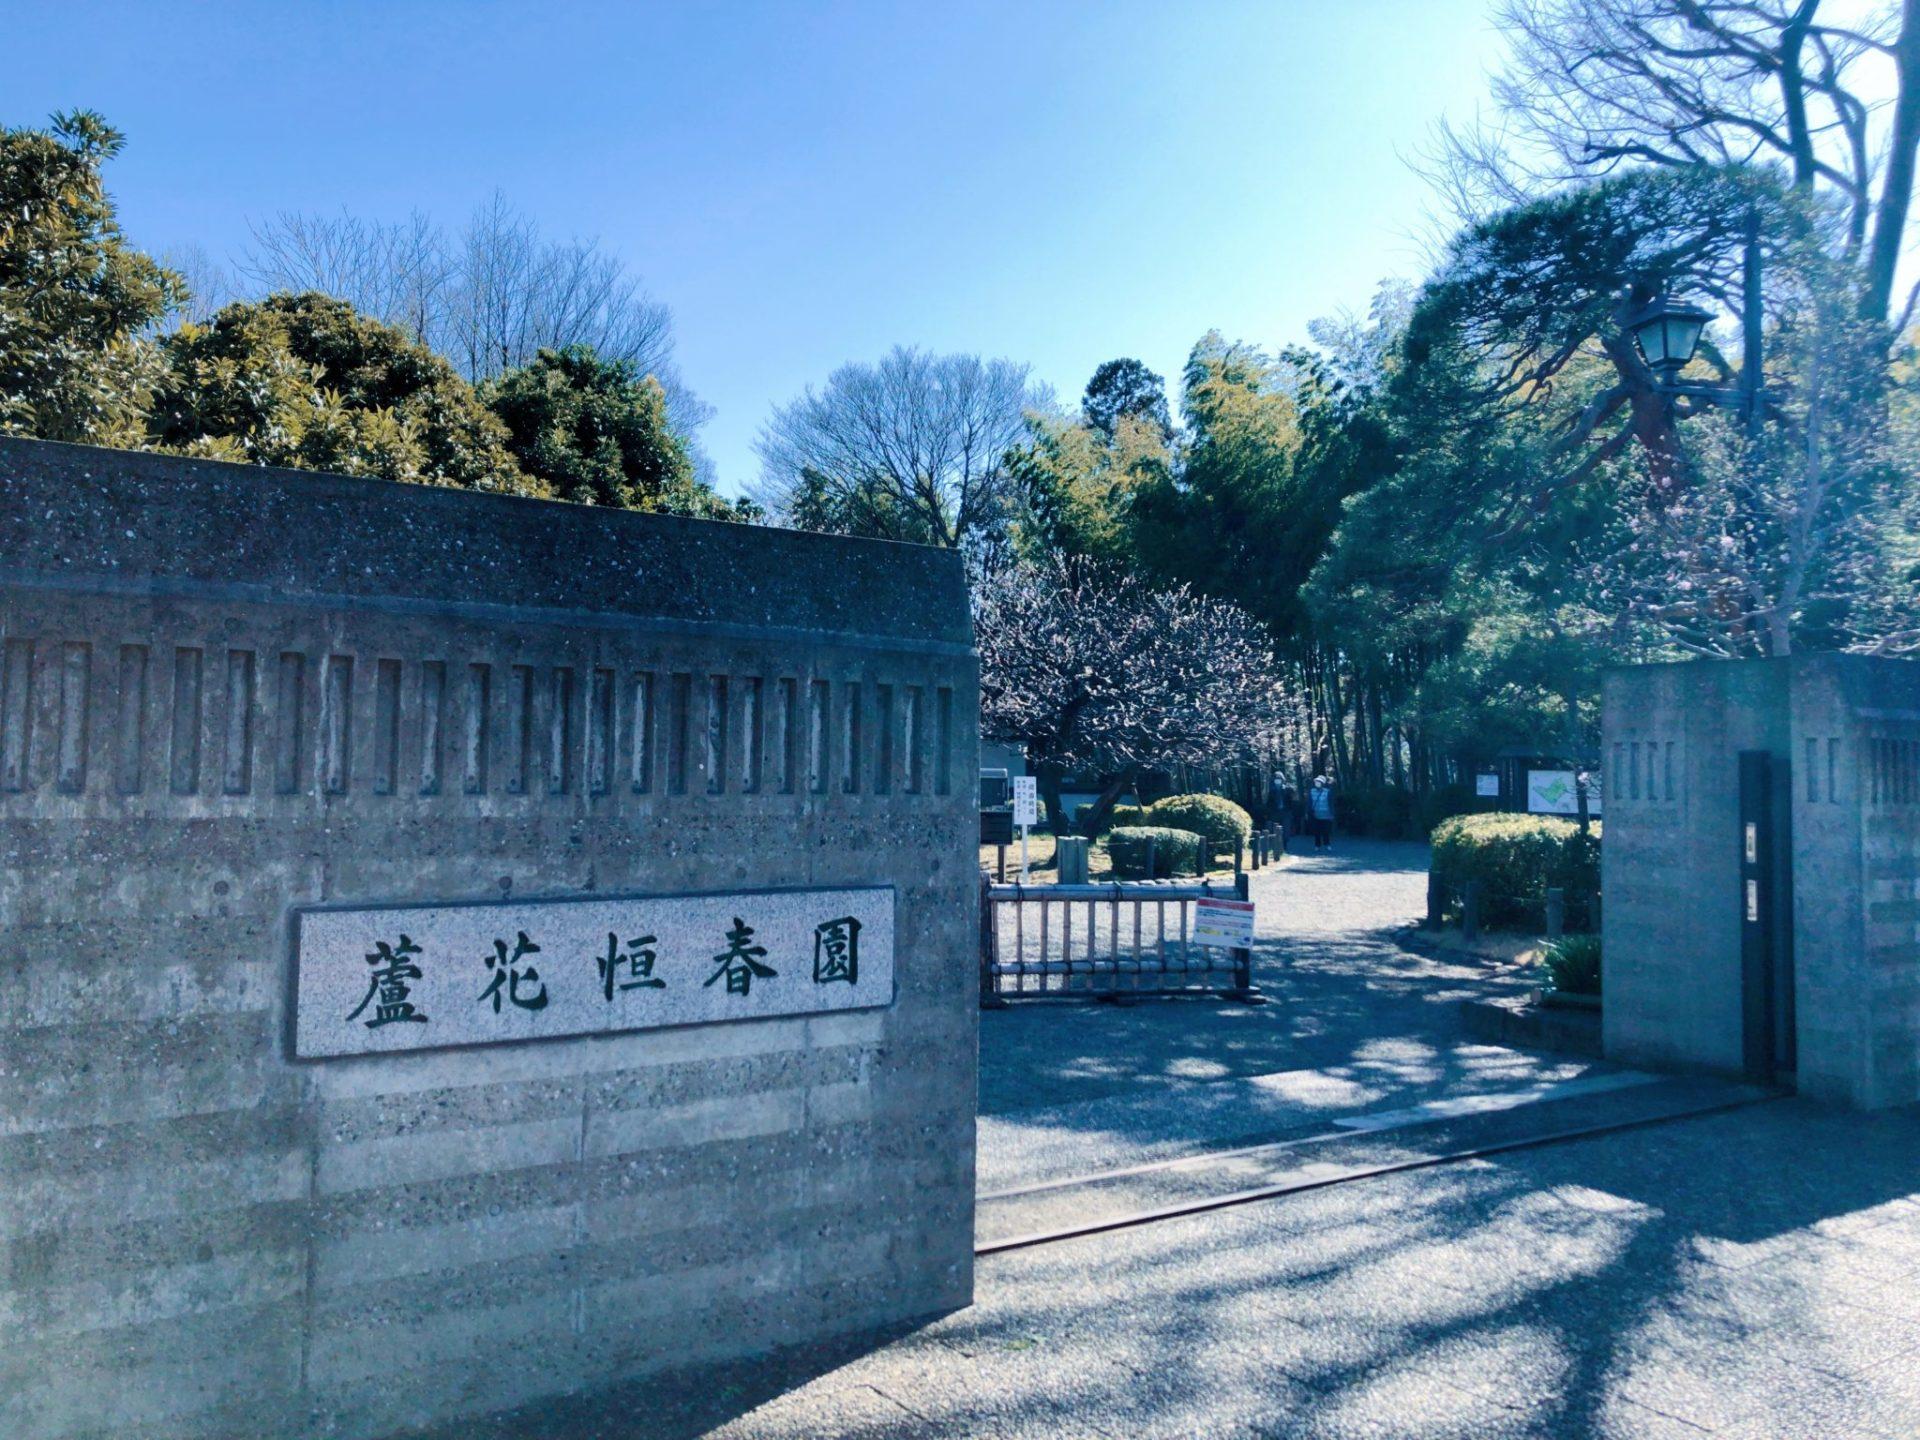 芦花公園(蘆花恒春園)の外観